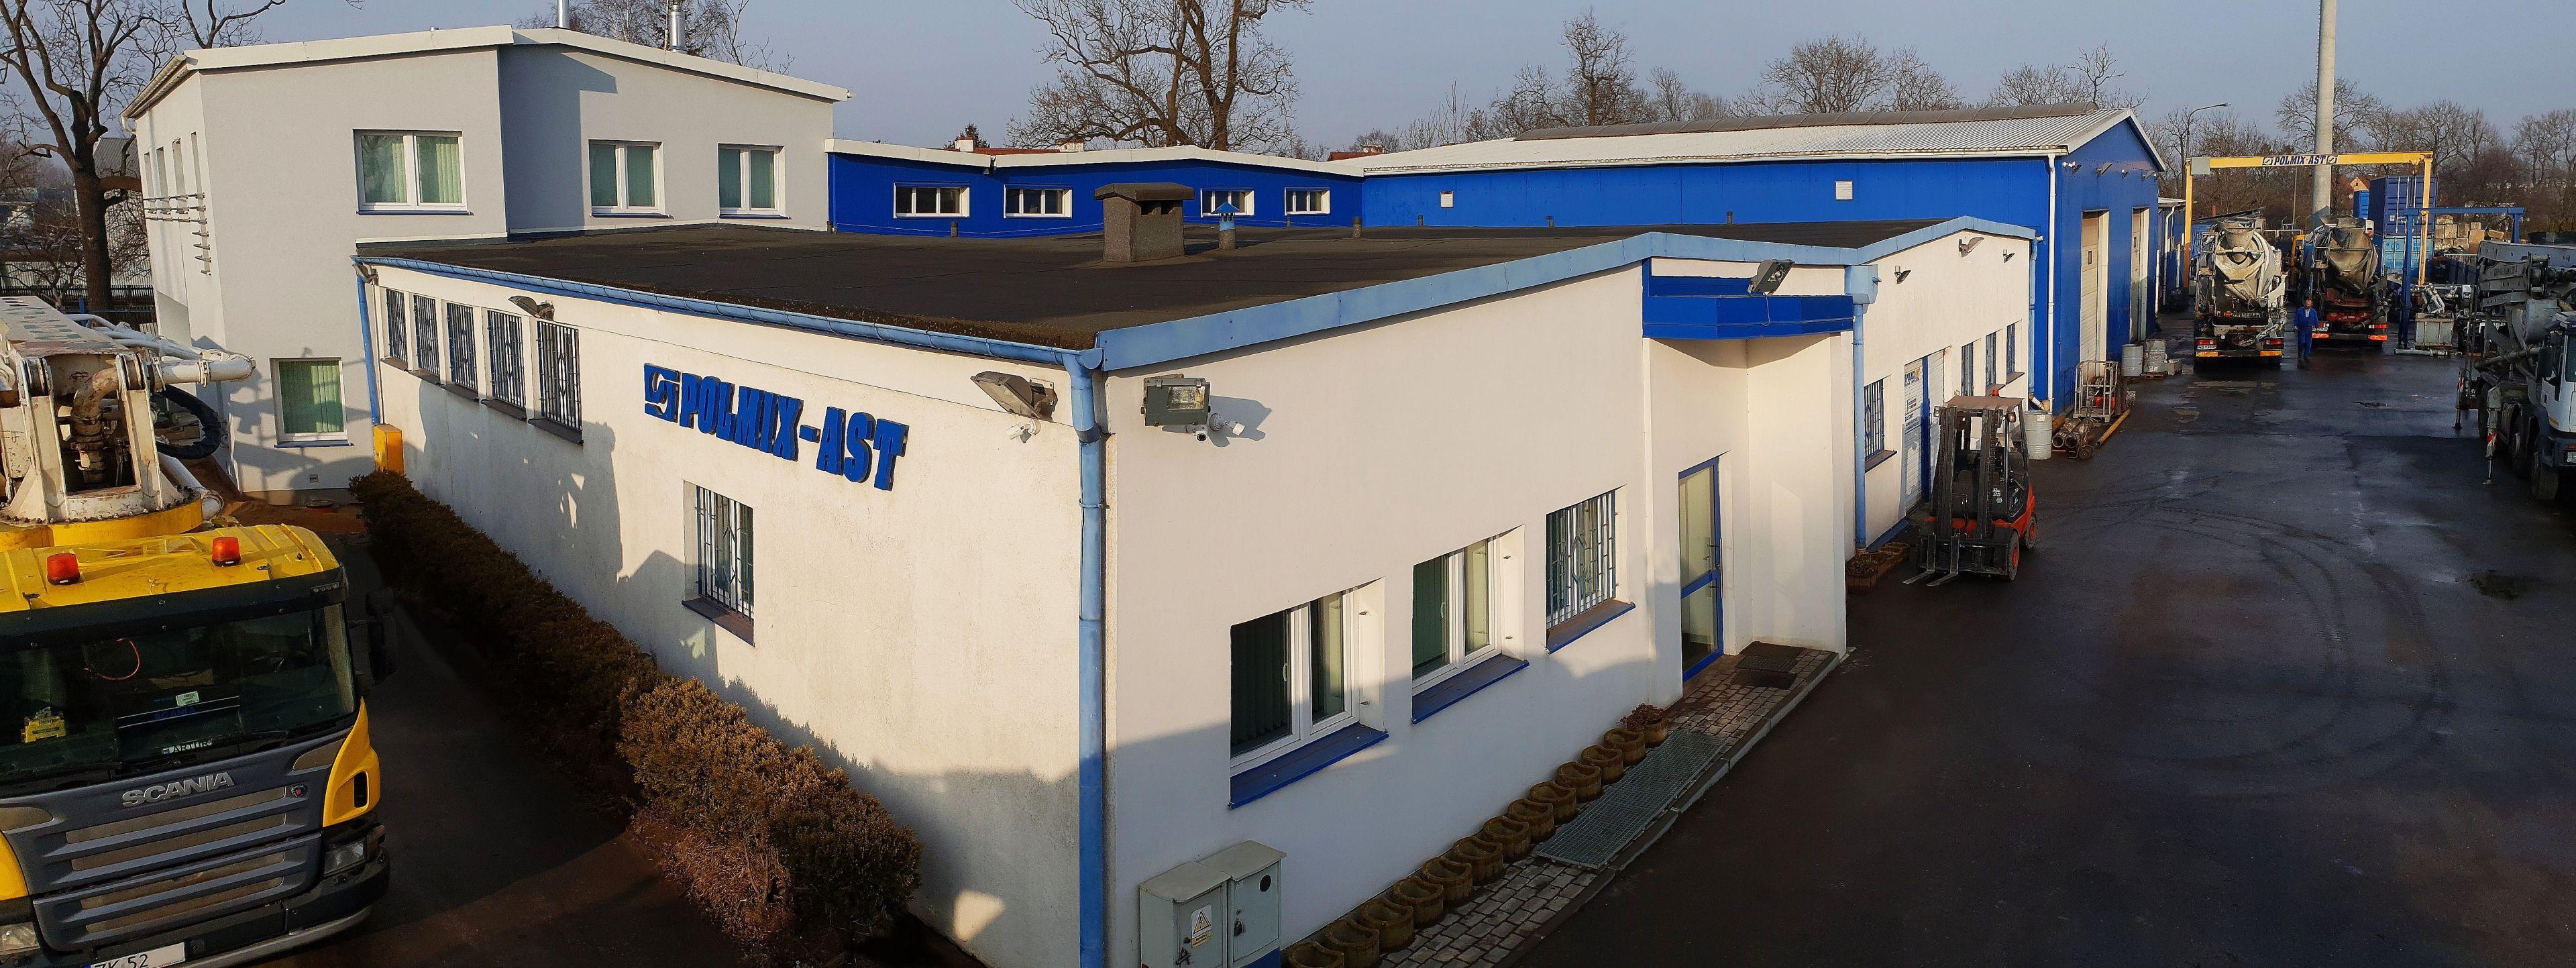 Предприятие технического обслуживания Polmix-Ast Гданьск